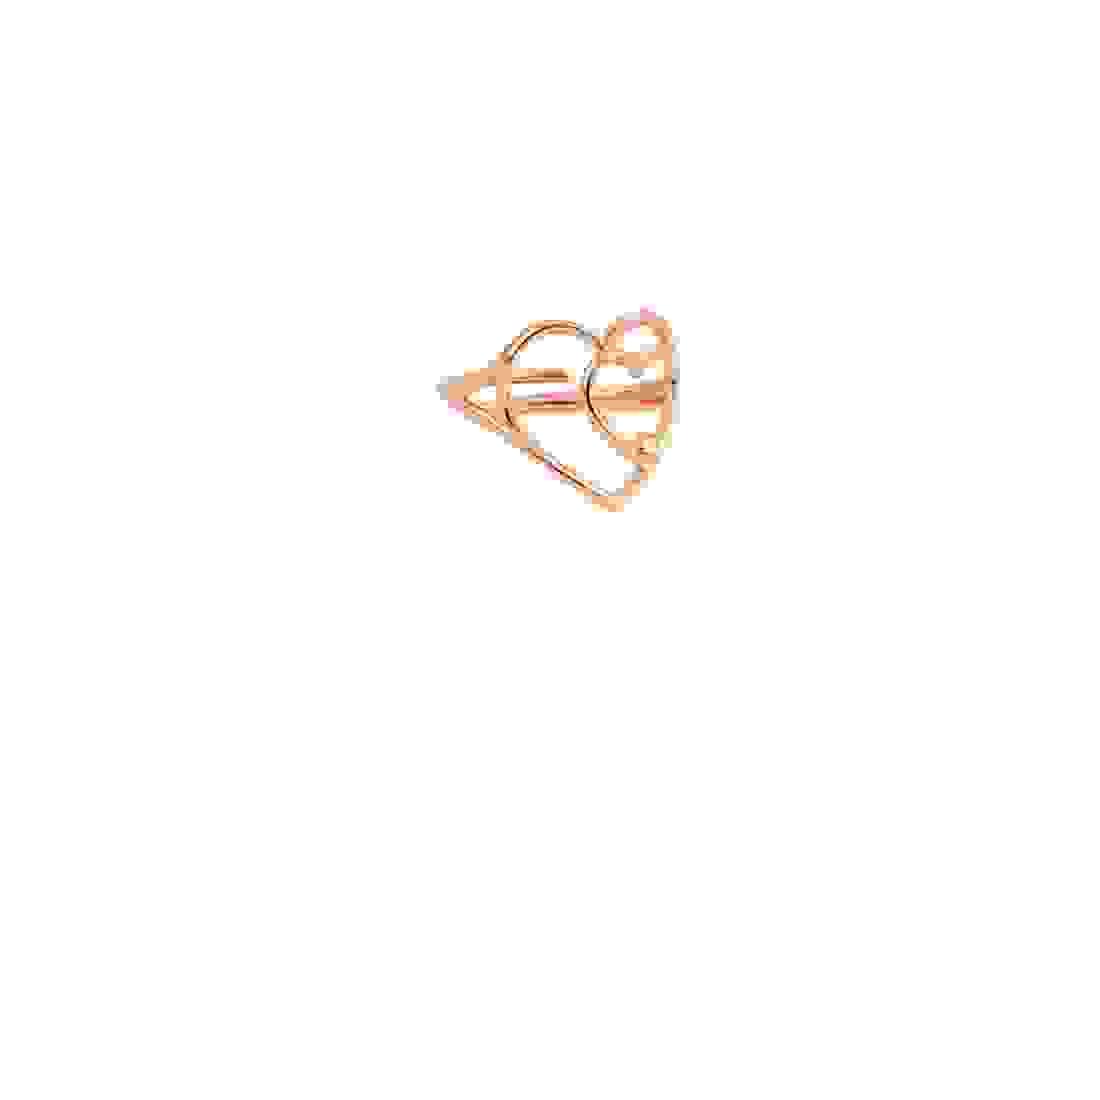 Anello donna gioielli jackco fil rouge jcr0341